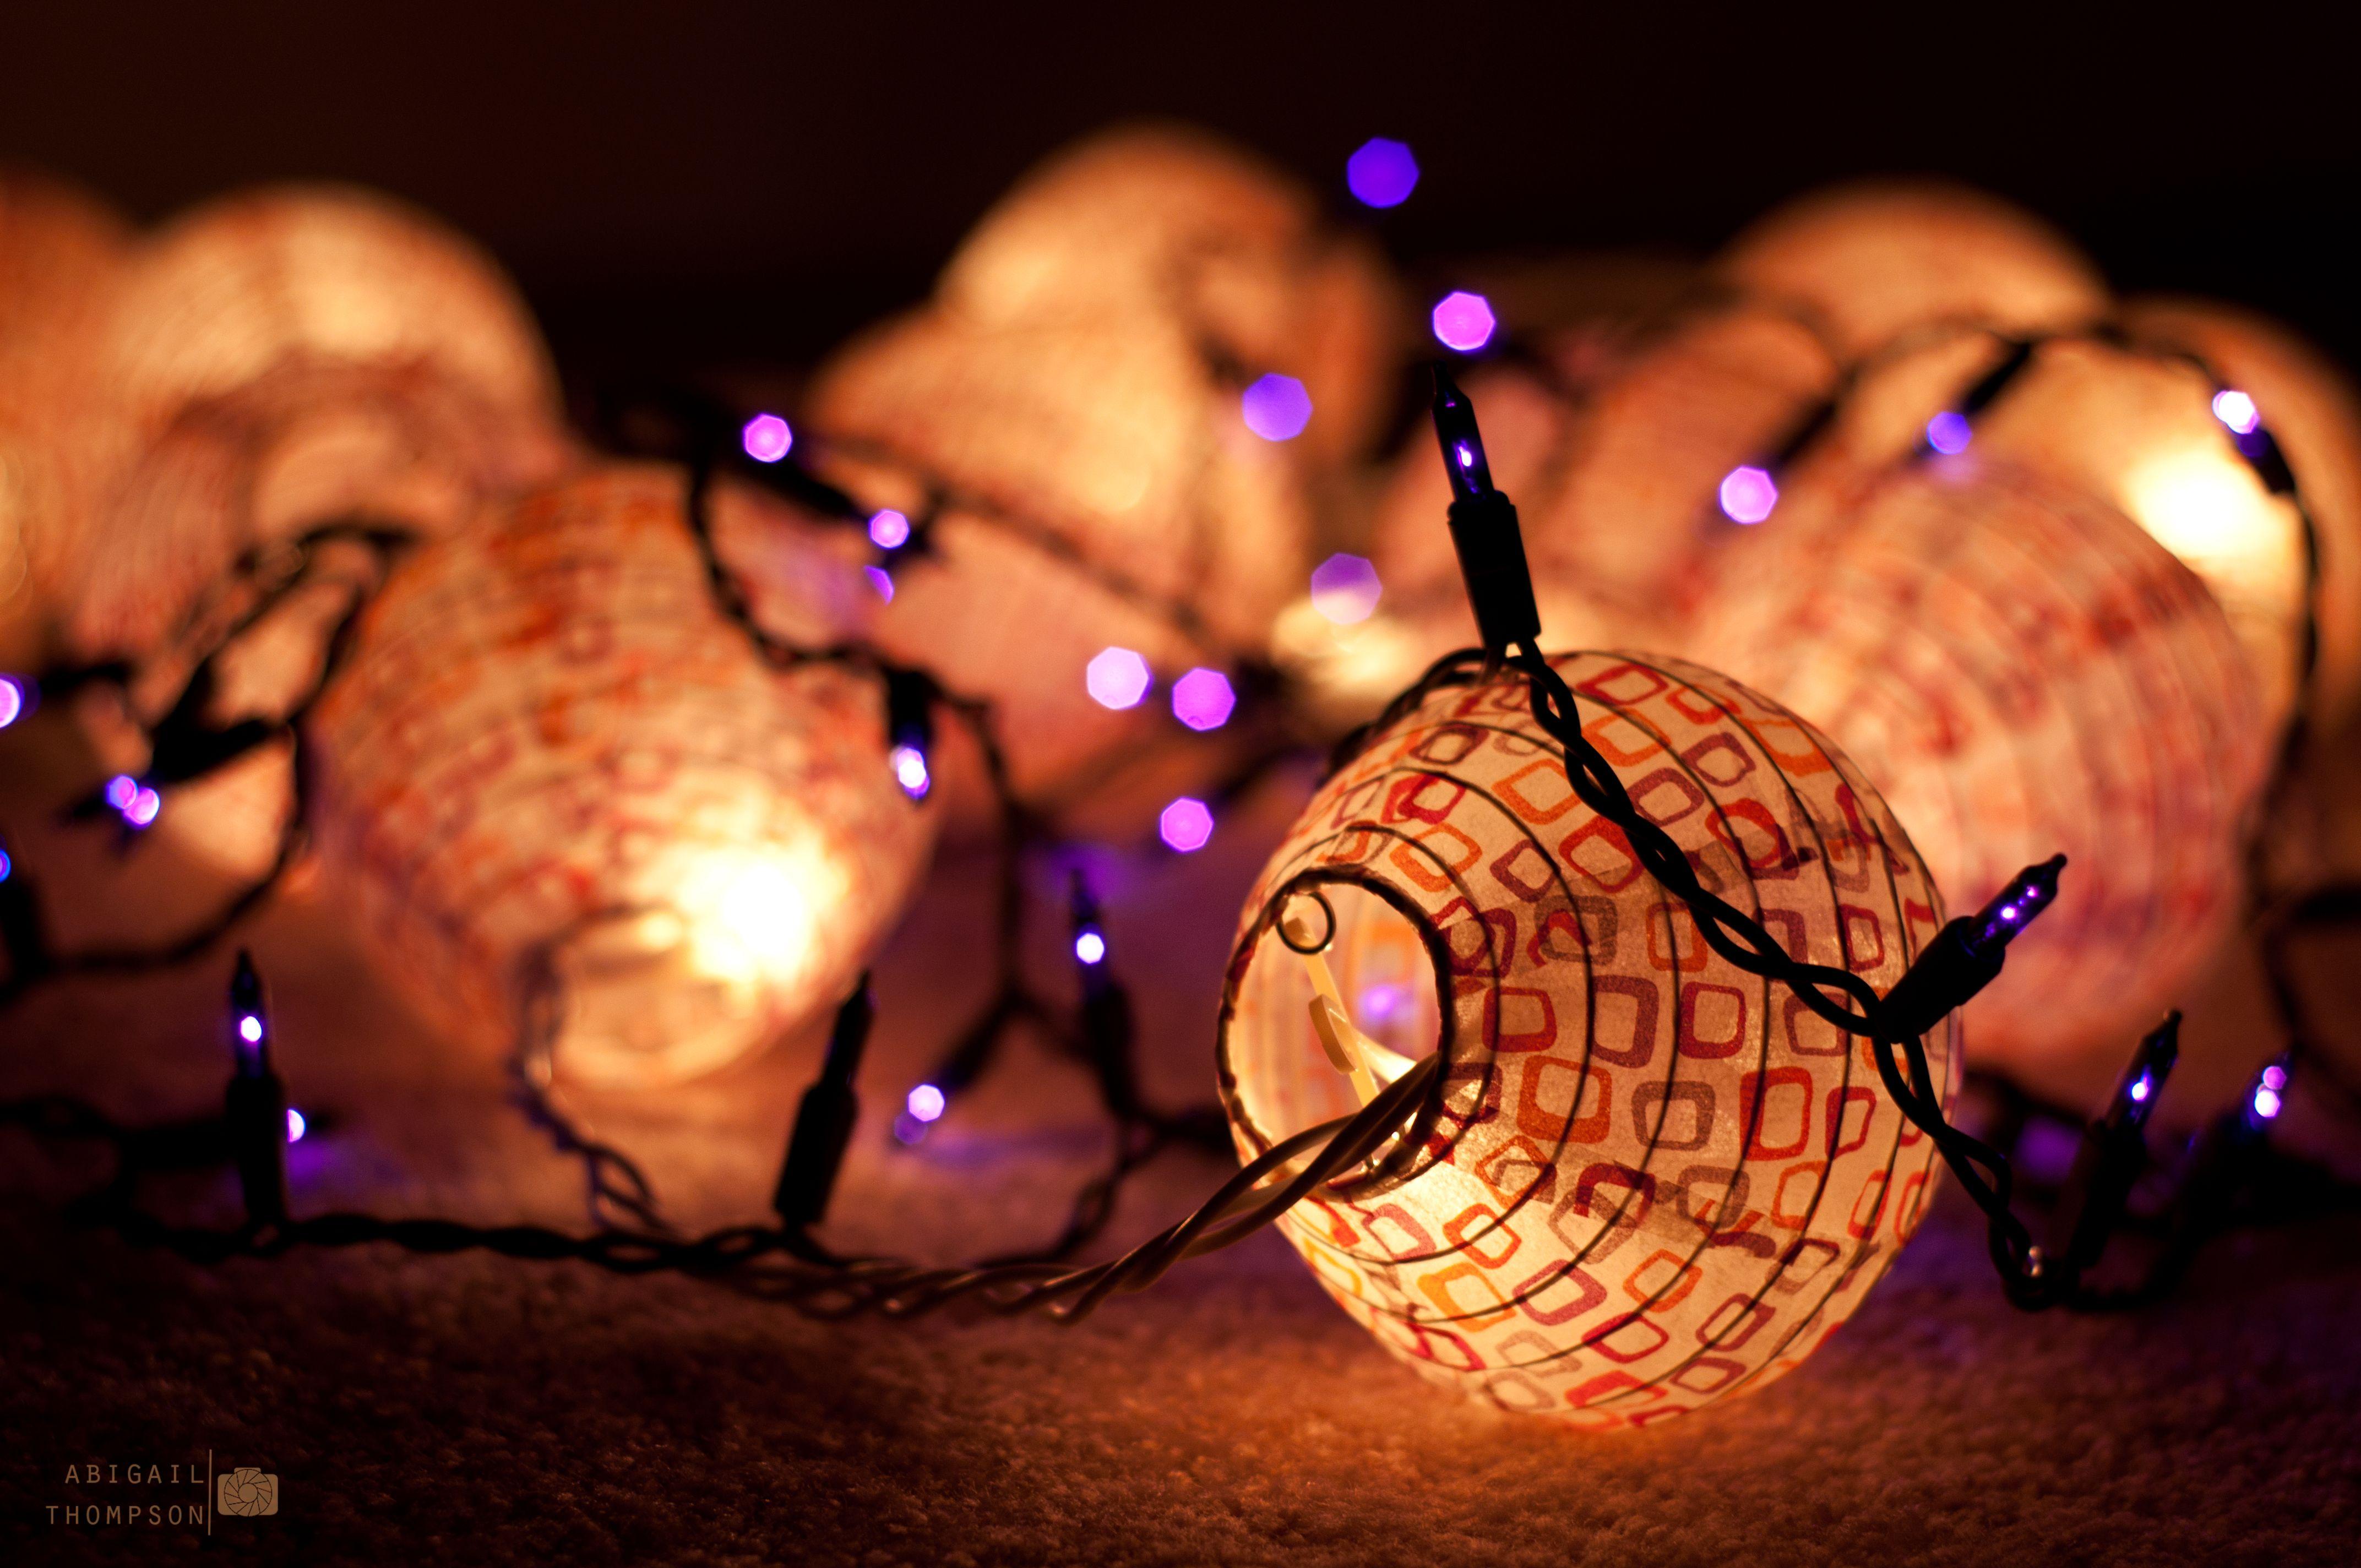 Image For Christmas Lights Photography Tumblr Wallpaper